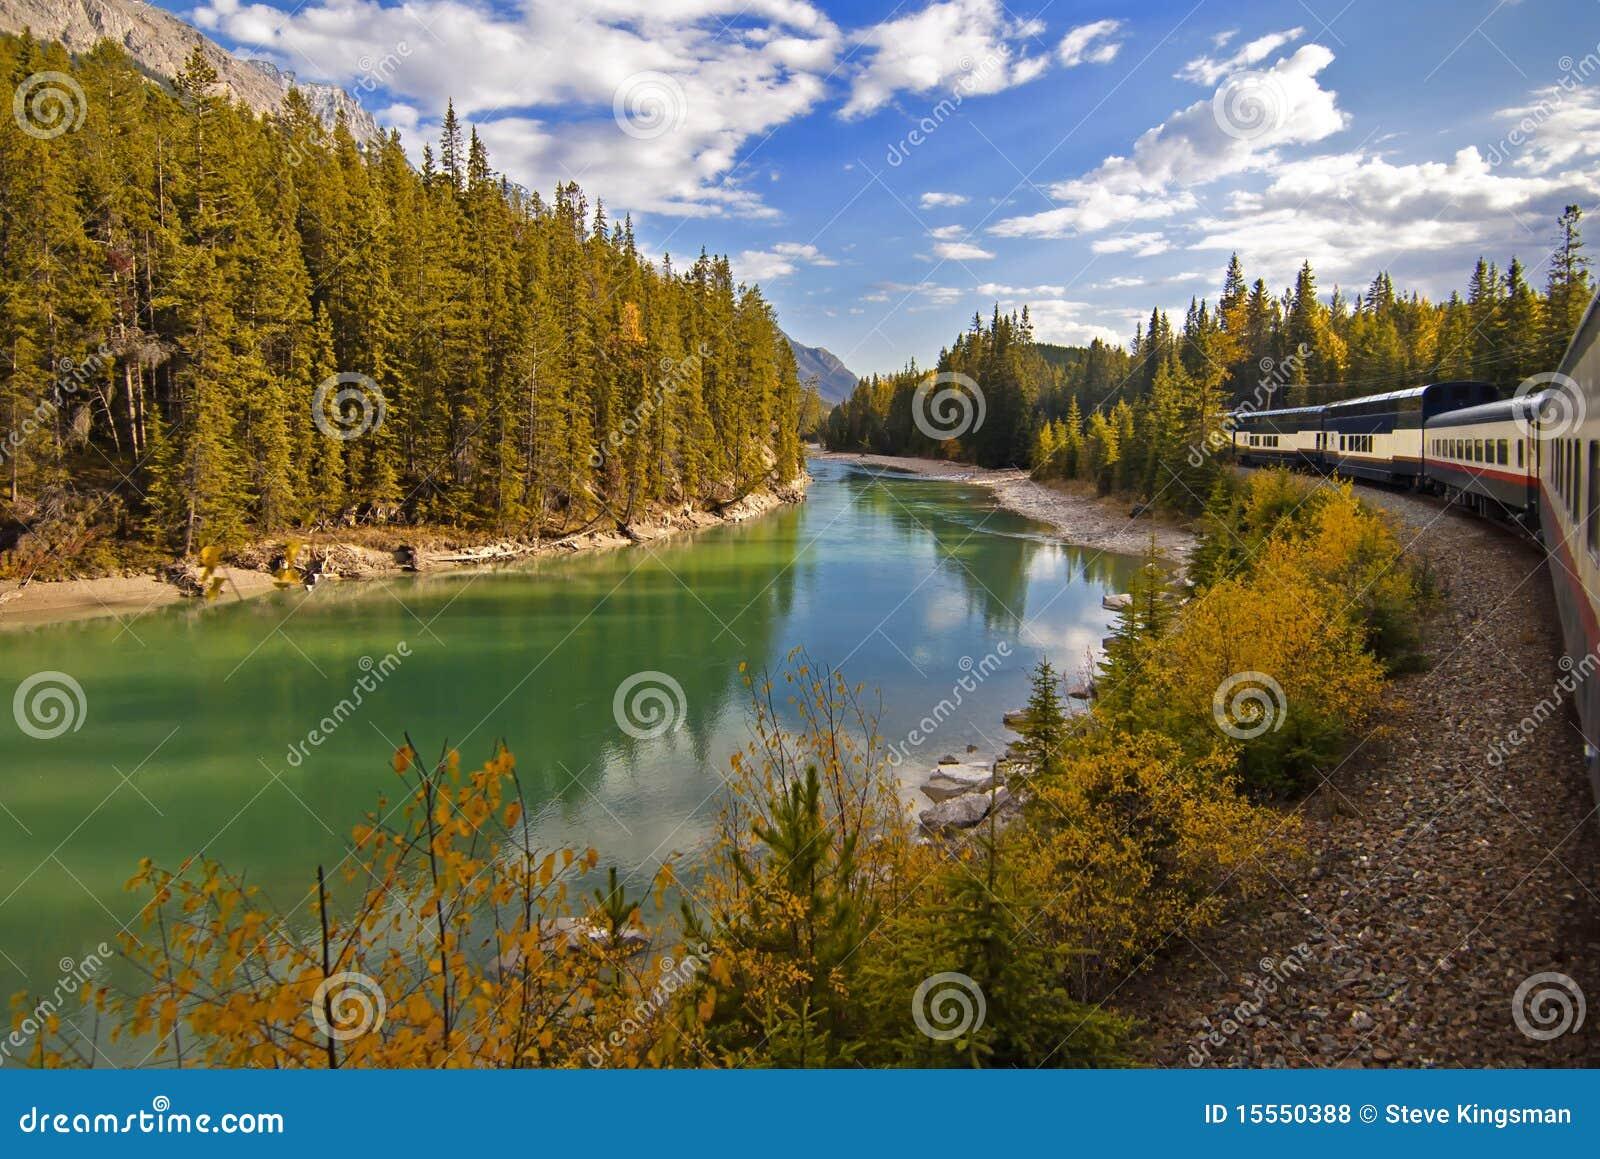 Podróży Rockies pociąg